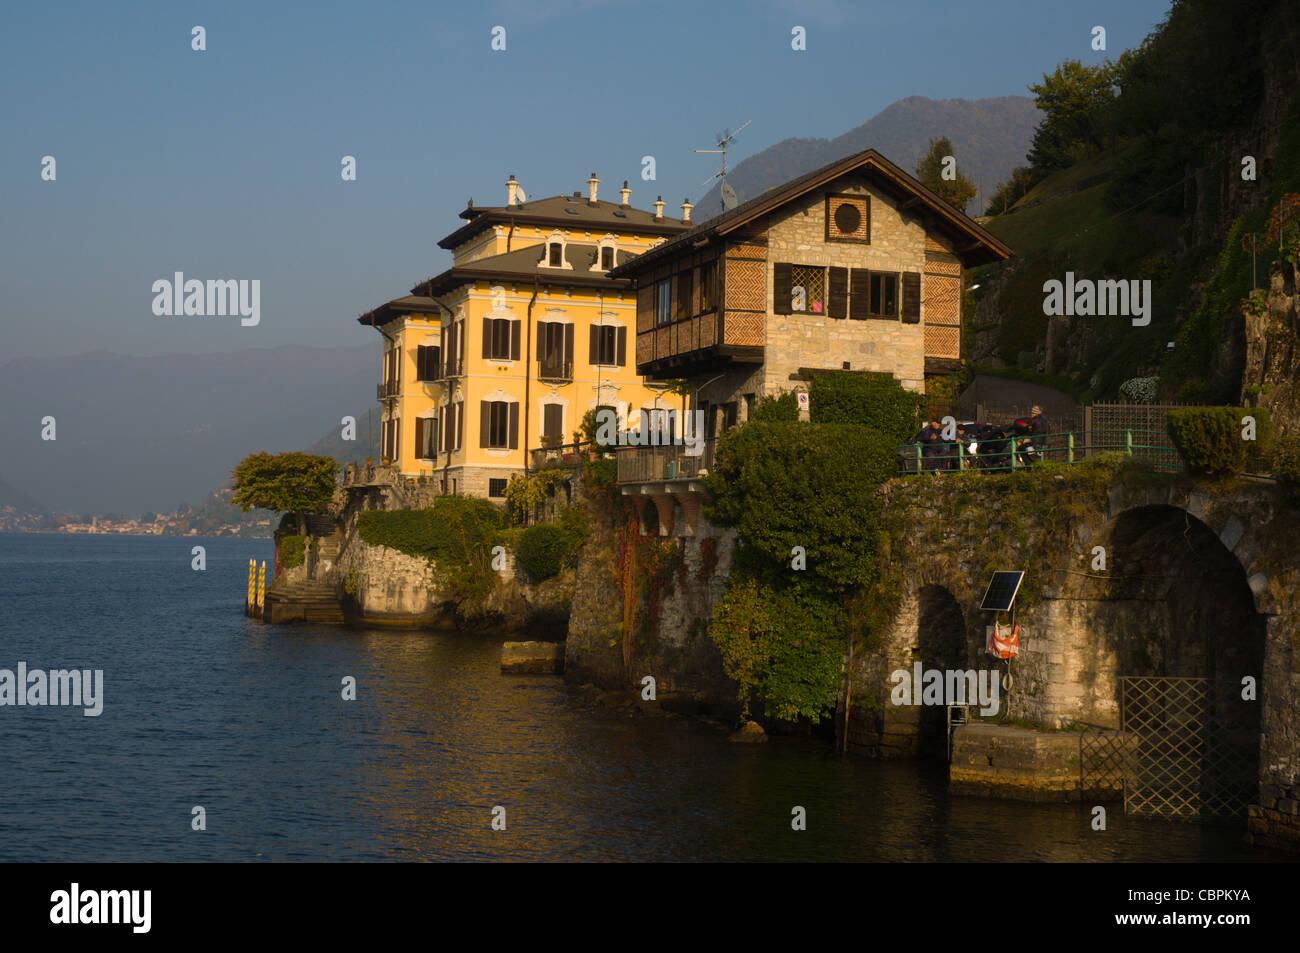 Lido Villa Geno.Buildings At Lido Di Villa Geno By Lago Di Como The Como